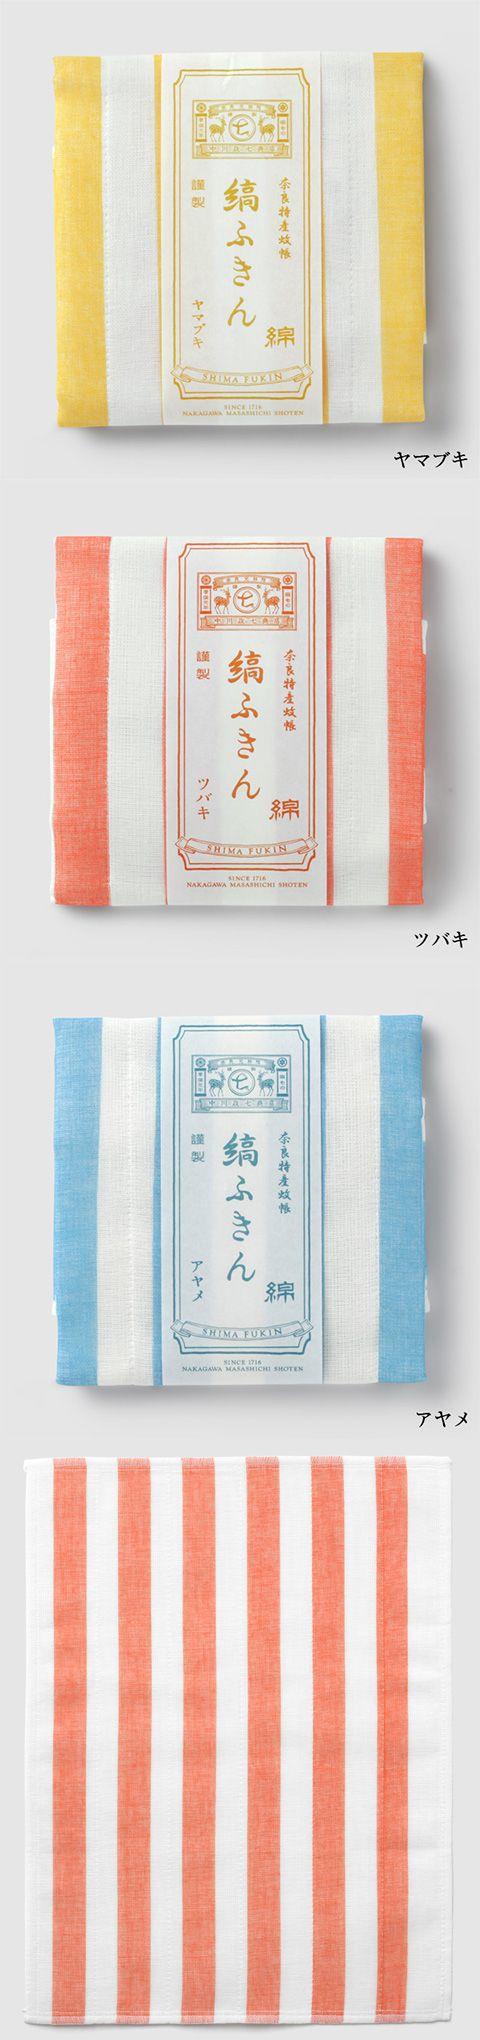 【縞ふきん(中川政七商店)】/奈良県の特産品である蚊帳生地。生活様式の変化によって需要が減少した蚊帳生地をなんとかものづくりに活かしたいという思いから蚊帳生地の特徴である「平織り」を活かした、機能的な「ふきん」を作りました。こちらはご好評いただいております、中川政七商店の注染手拭いの縞柄と同じデザインのふきん。